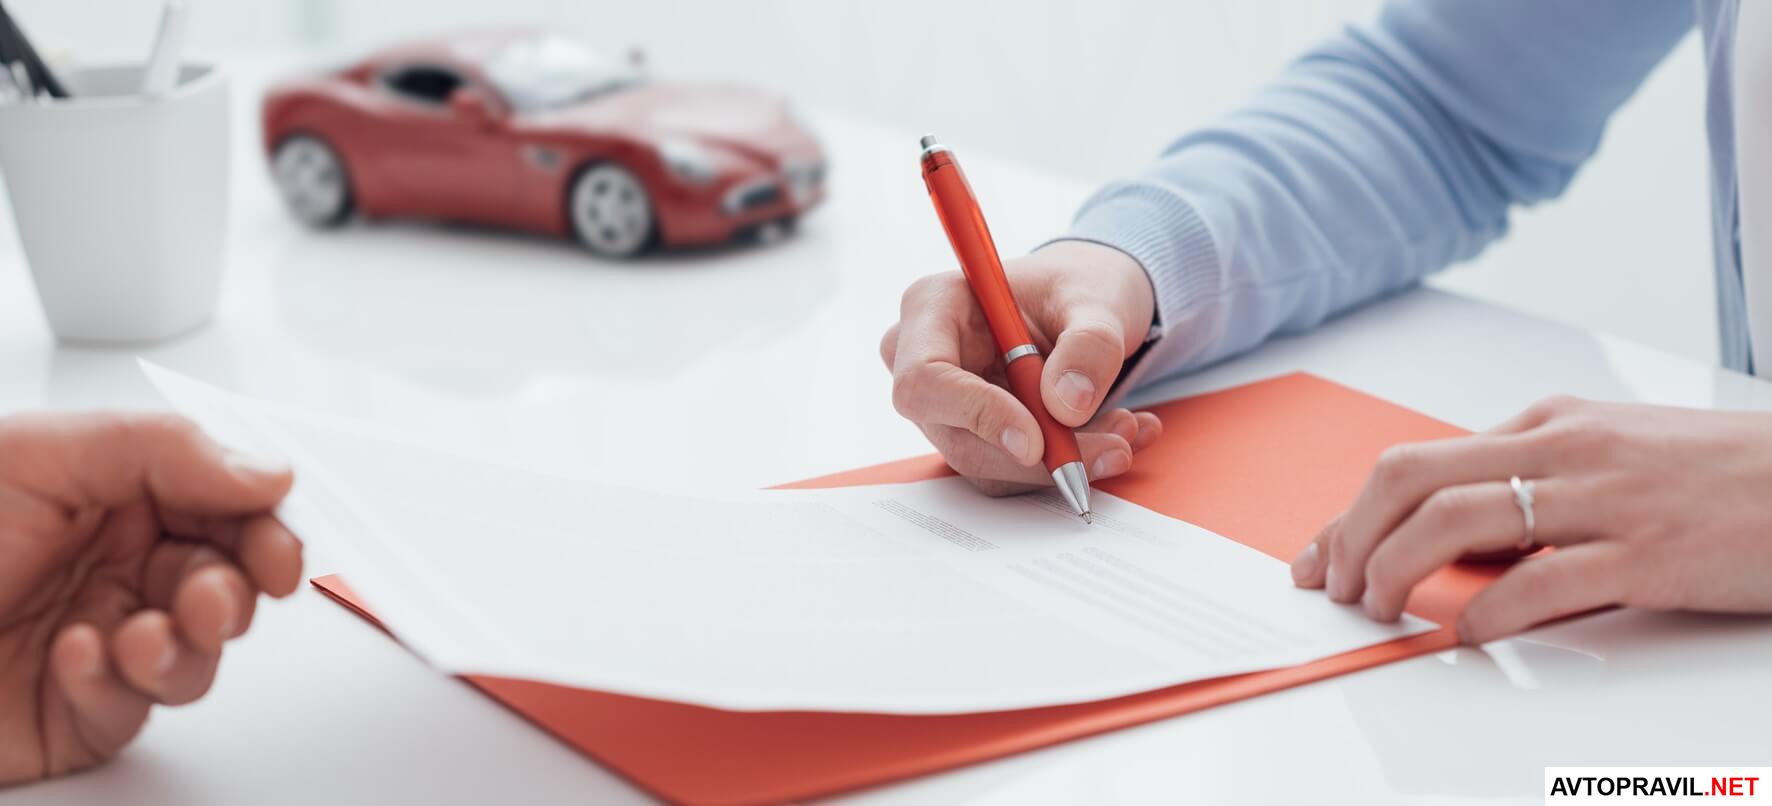 человек оформляет документ - другой человек держит документ рукой